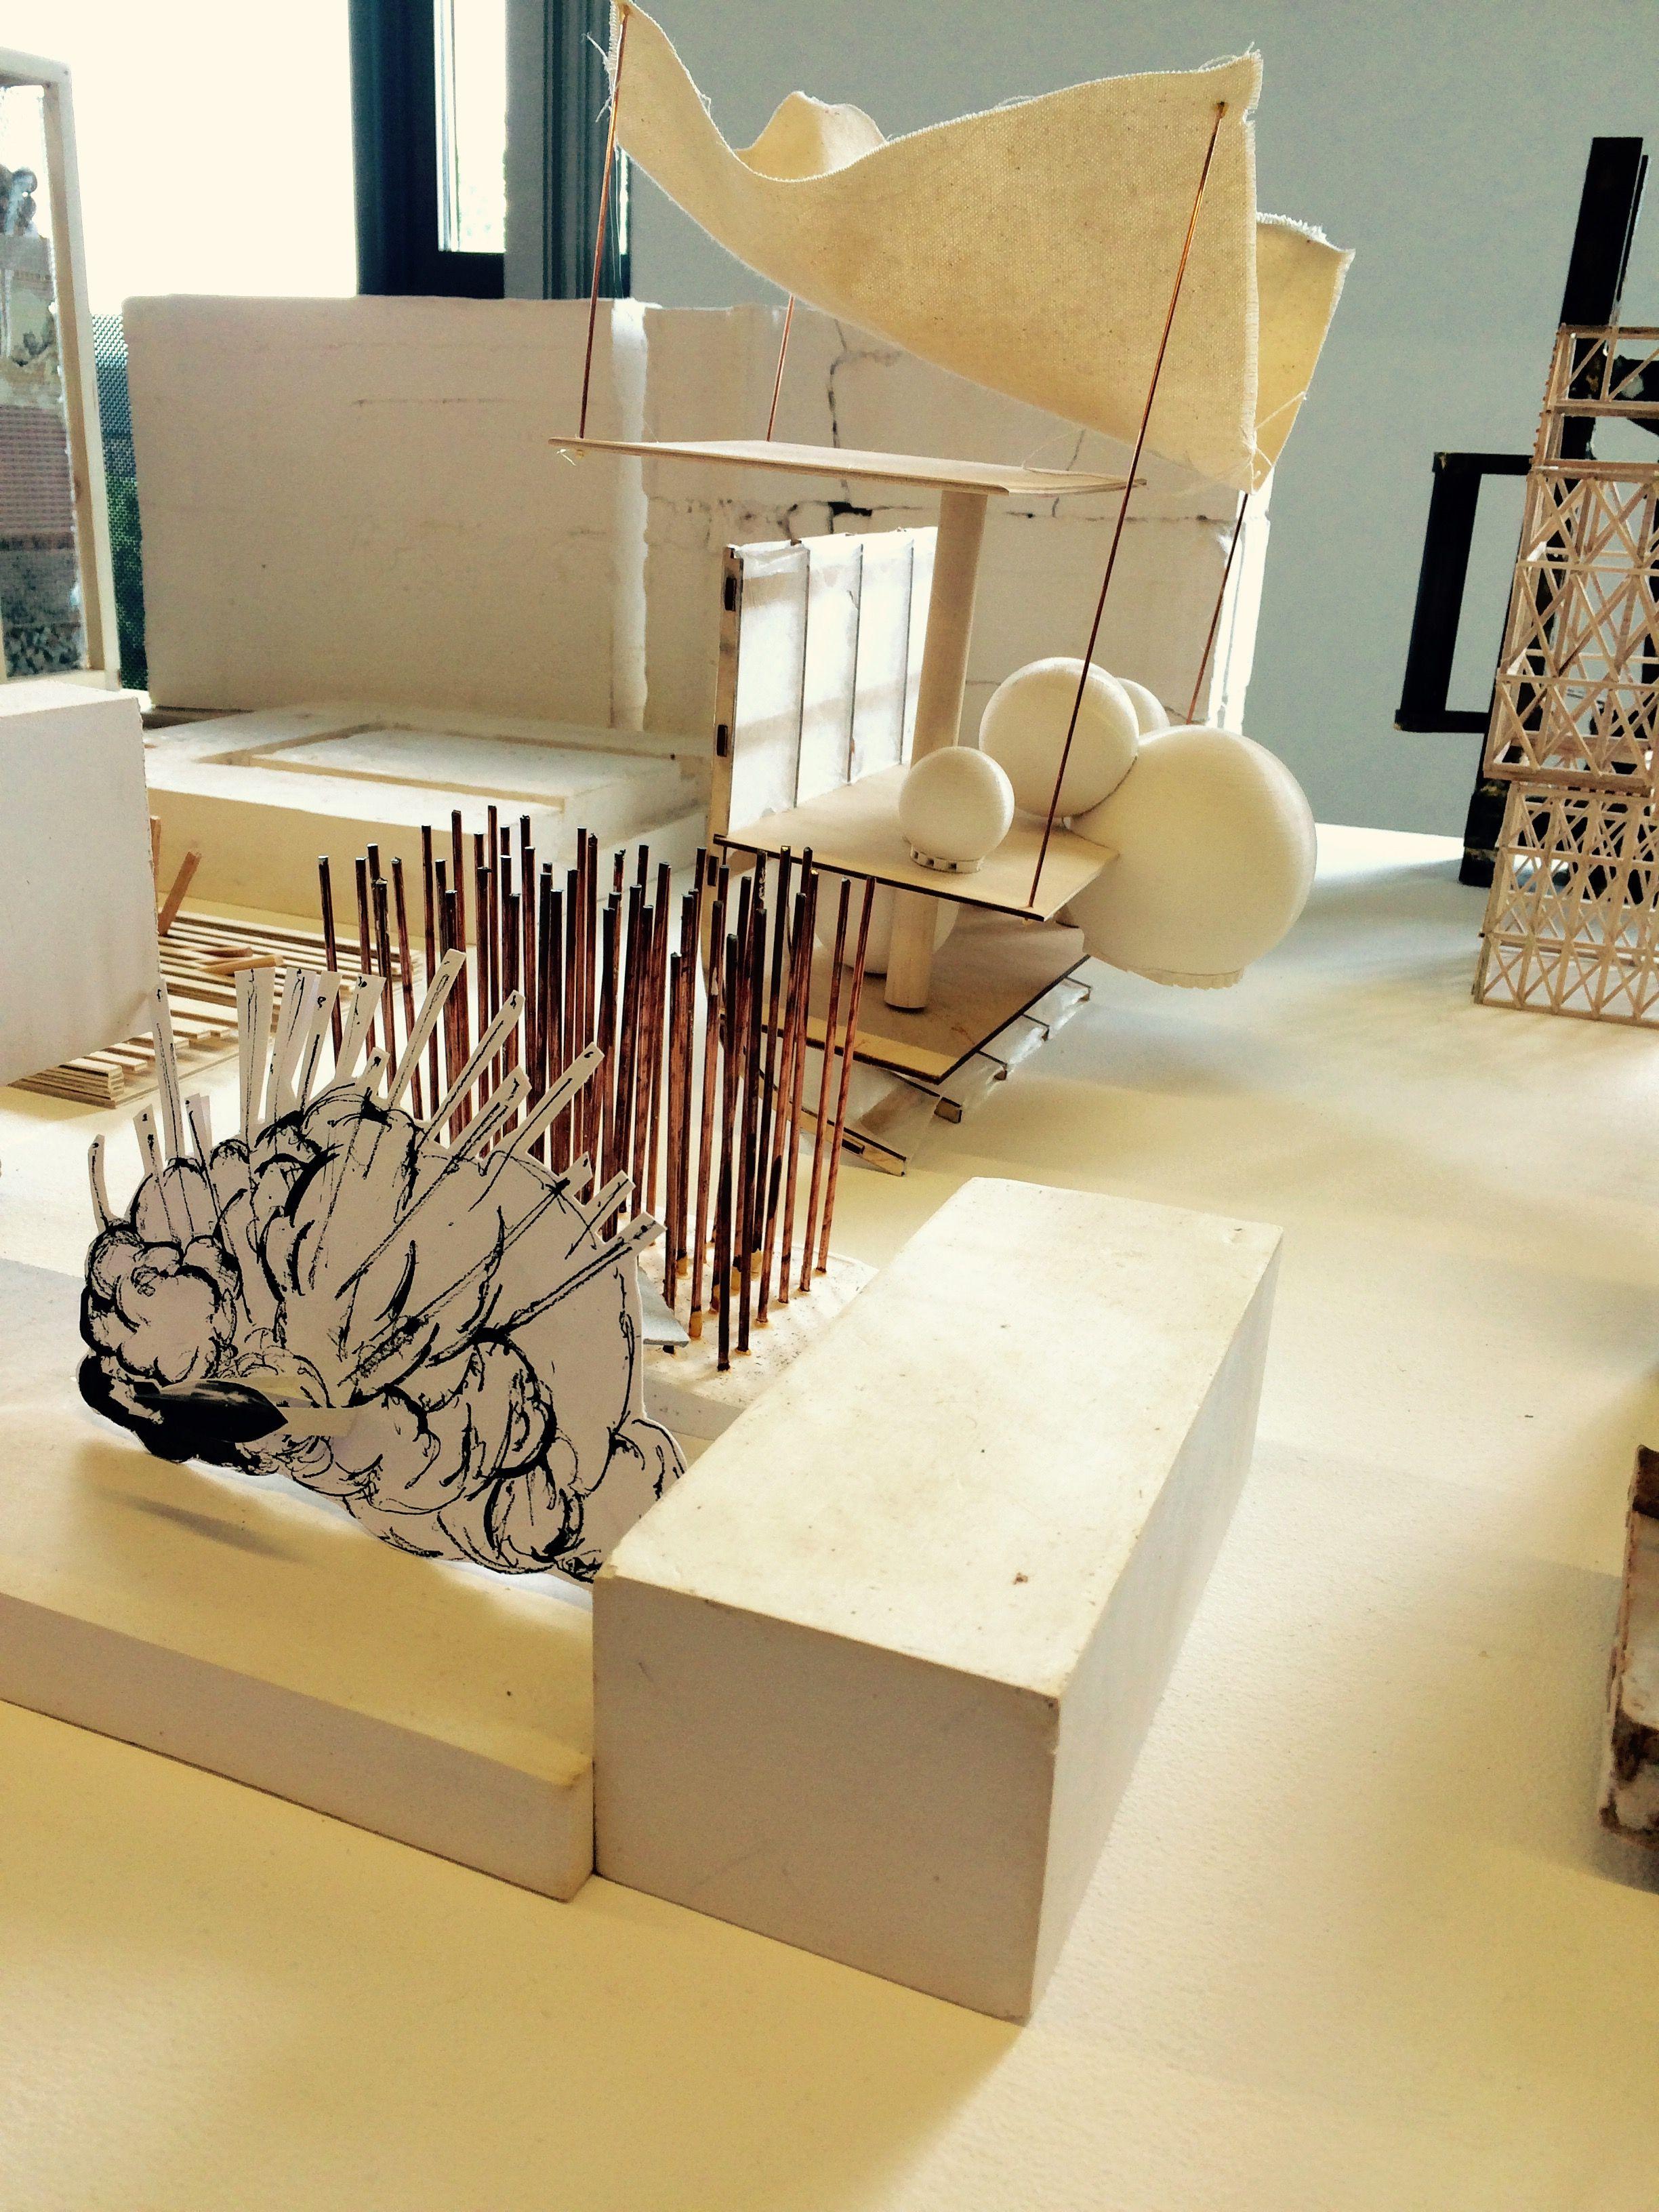 Модели для выставки работа информатика 6 класс контрольная работа 1 информационные модели